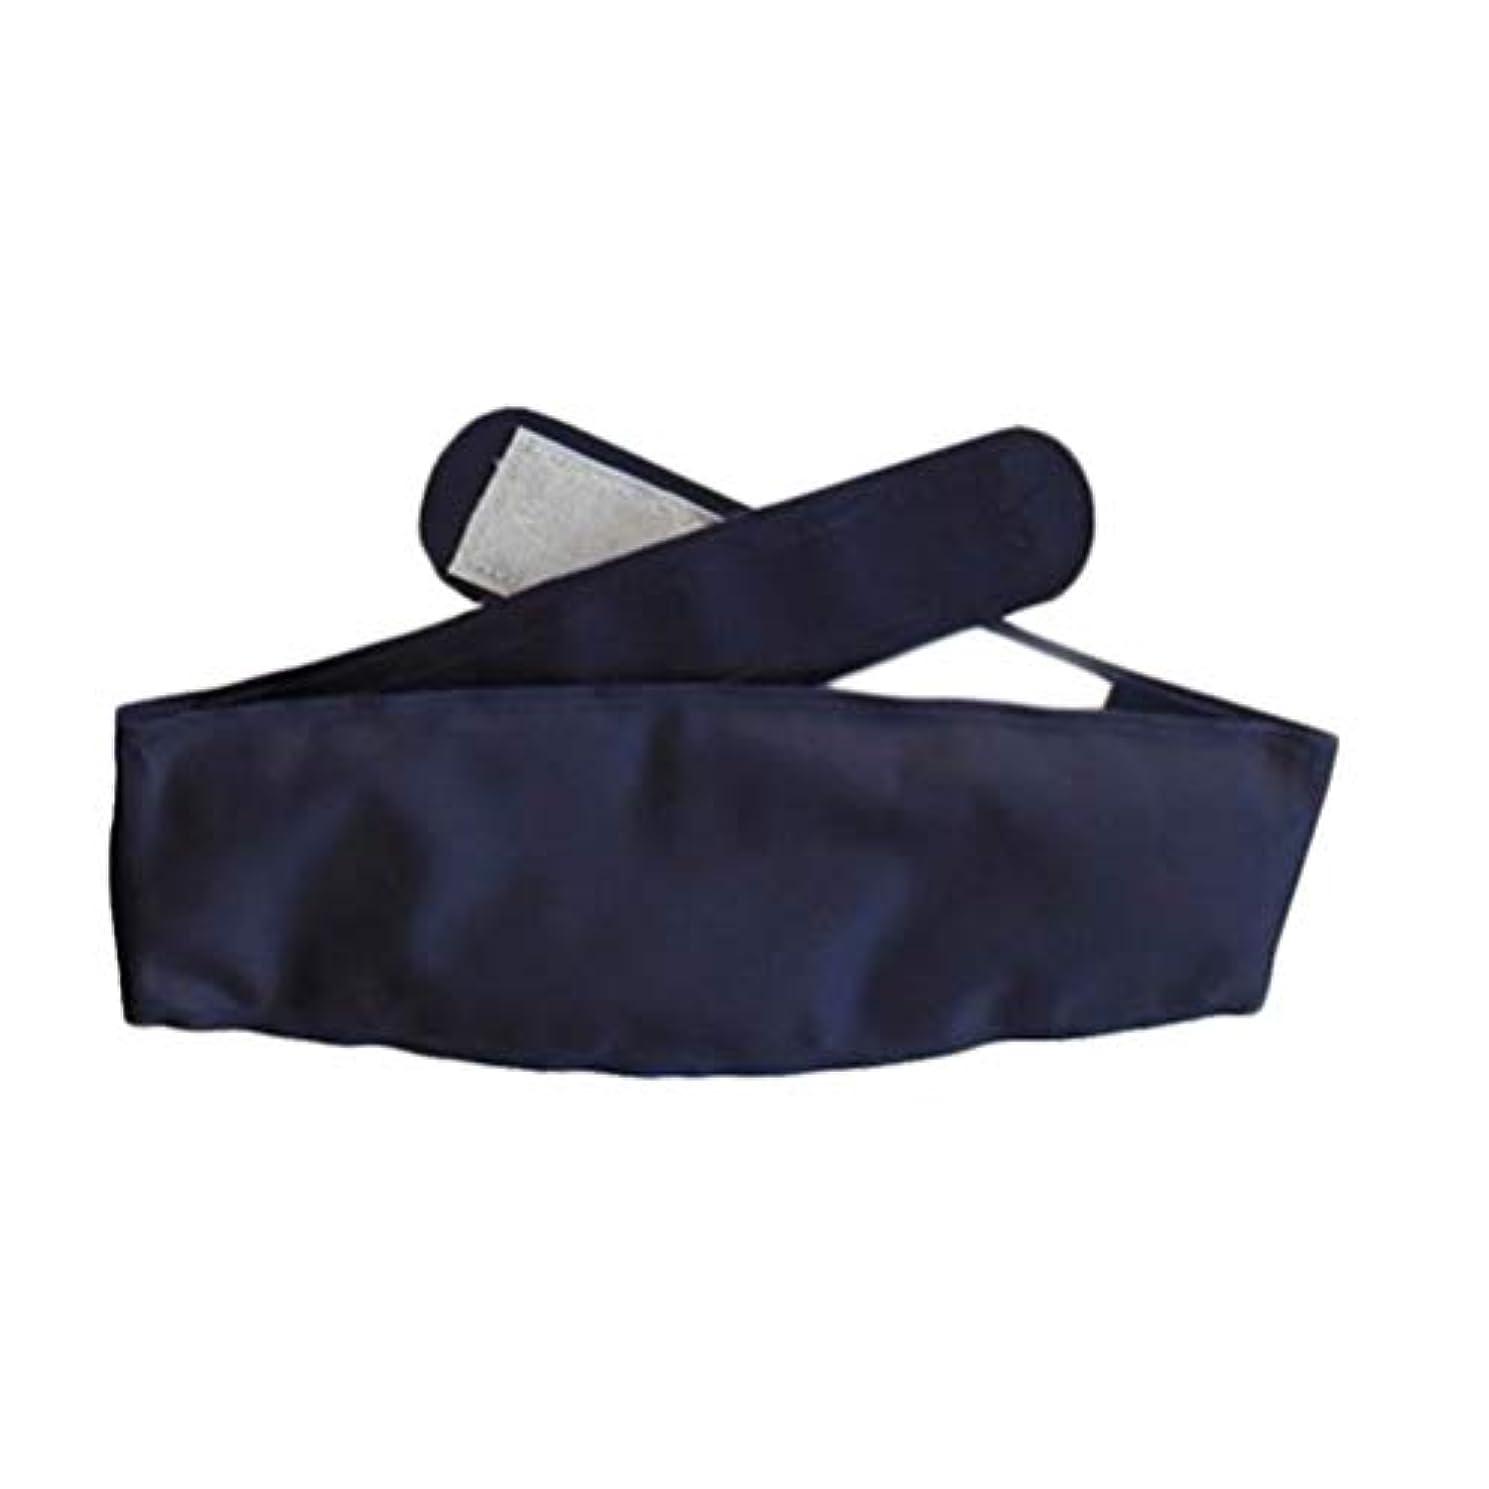 HEALLILY ジェルアイスパック1個再利用可能なコールドセラピーパック、ホット&コールドセラピーパッド、首、膝、捻rain、痛みの軽減